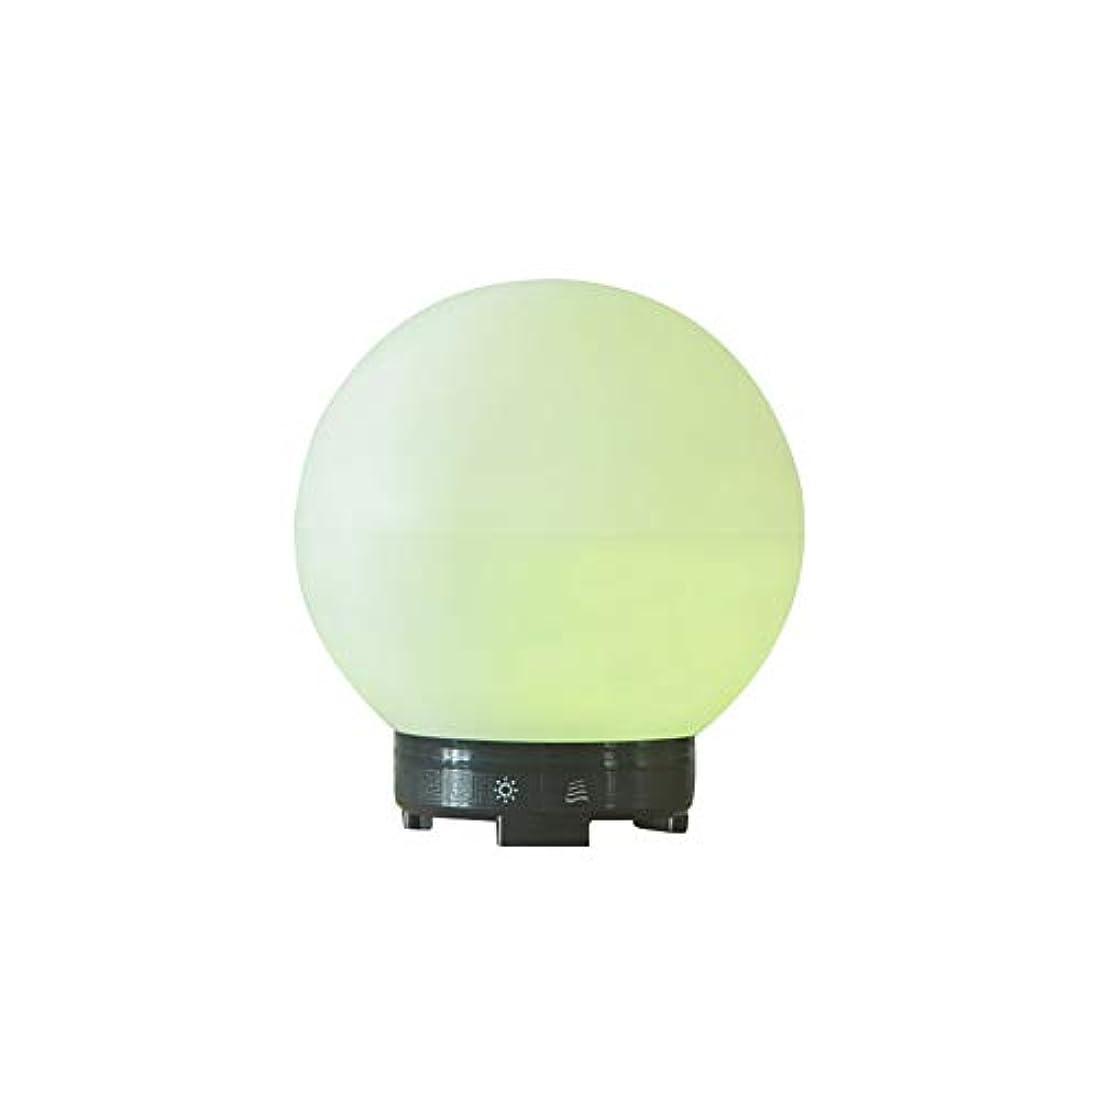 朝七面鳥便利さエッセンシャルオイルディフューザーと加湿器、ミストエッセンシャルオイルアロマ加湿器用の超音波アロマディフューザー、7色LEDライト